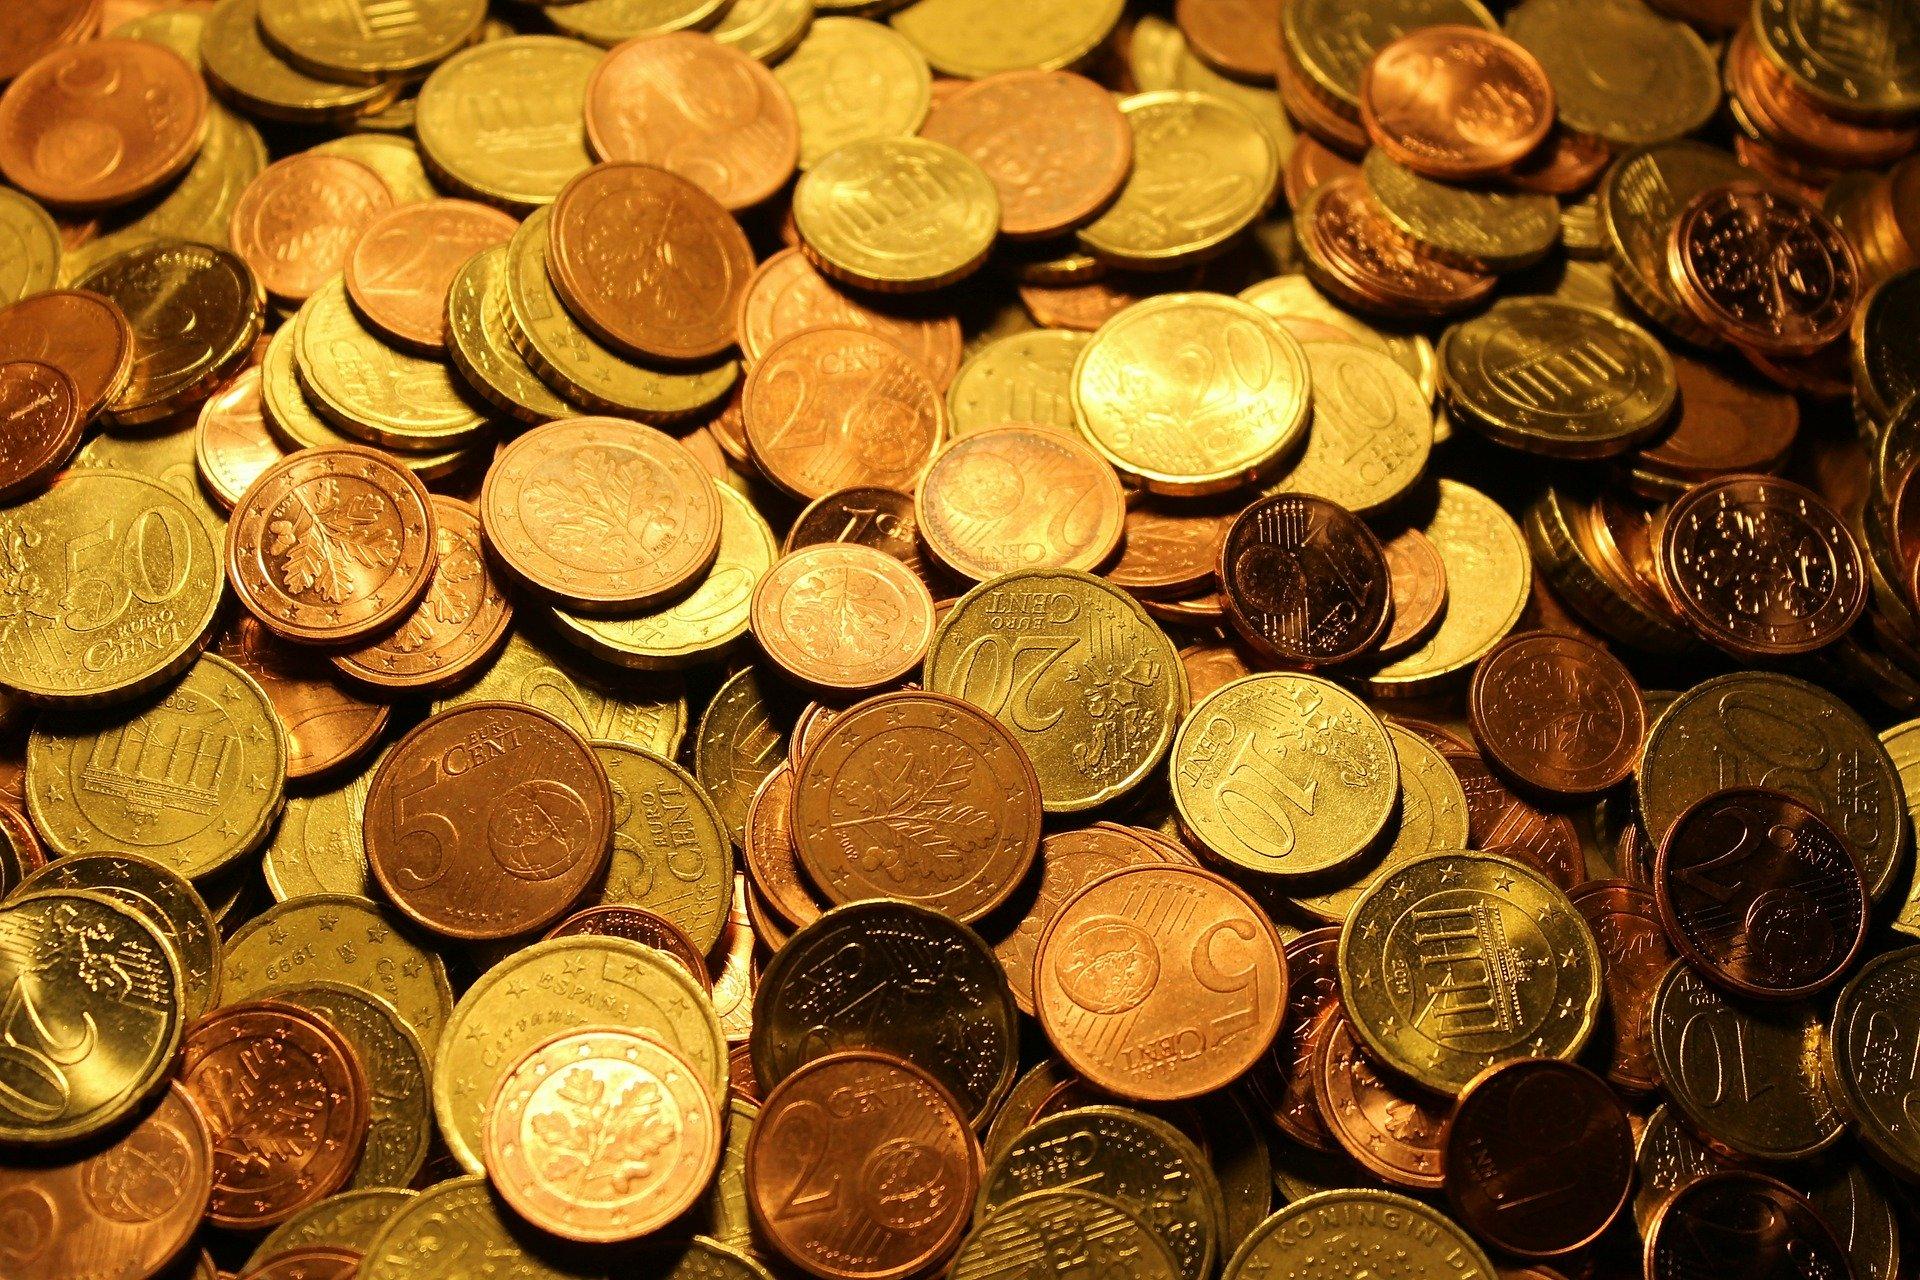 Kurz erklärt: Wohngeld – informieren lohnt sich